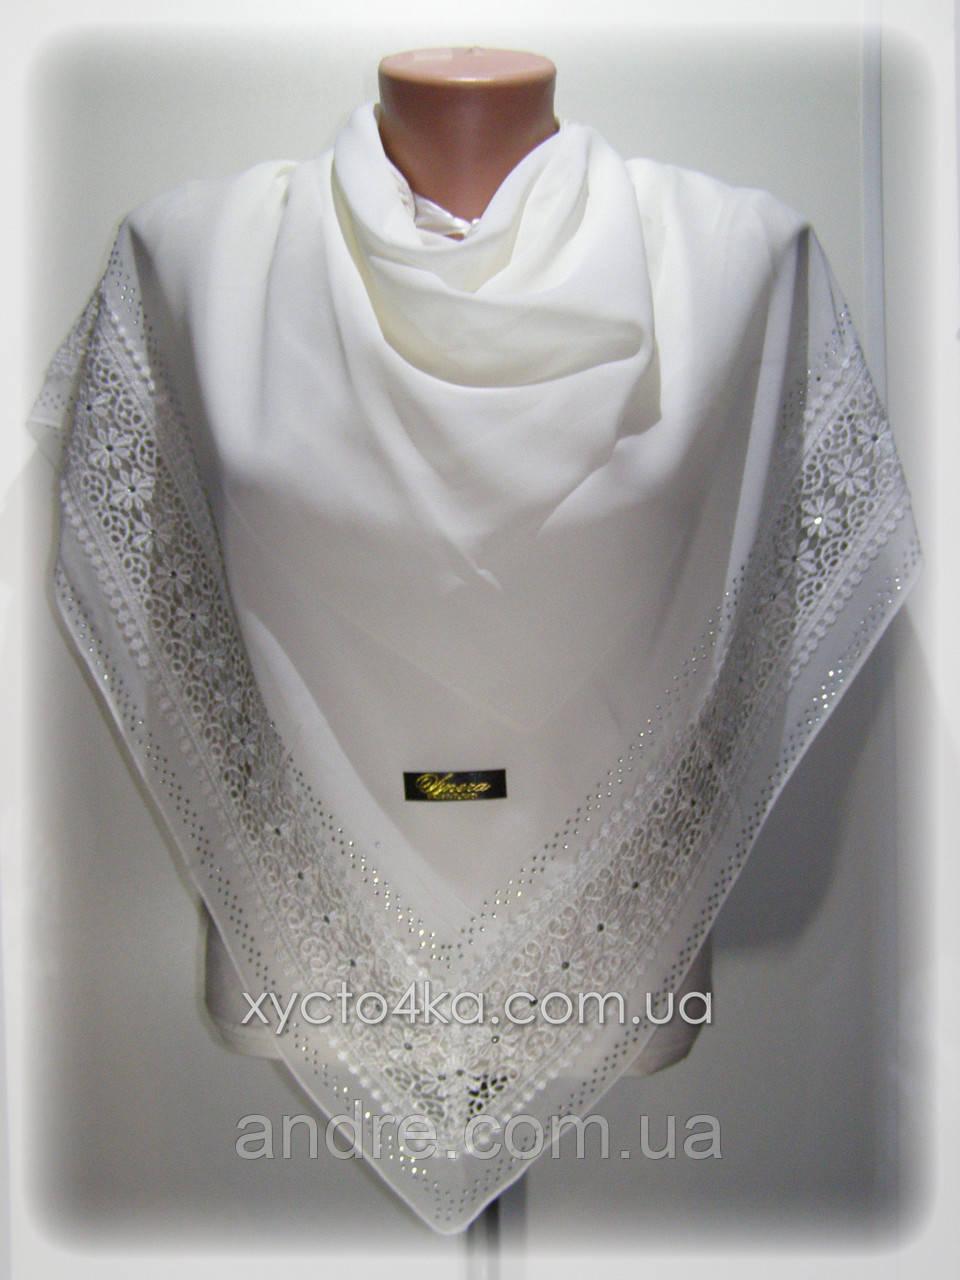 Нарядные шифоновые платки Глория, молочный или кремовый